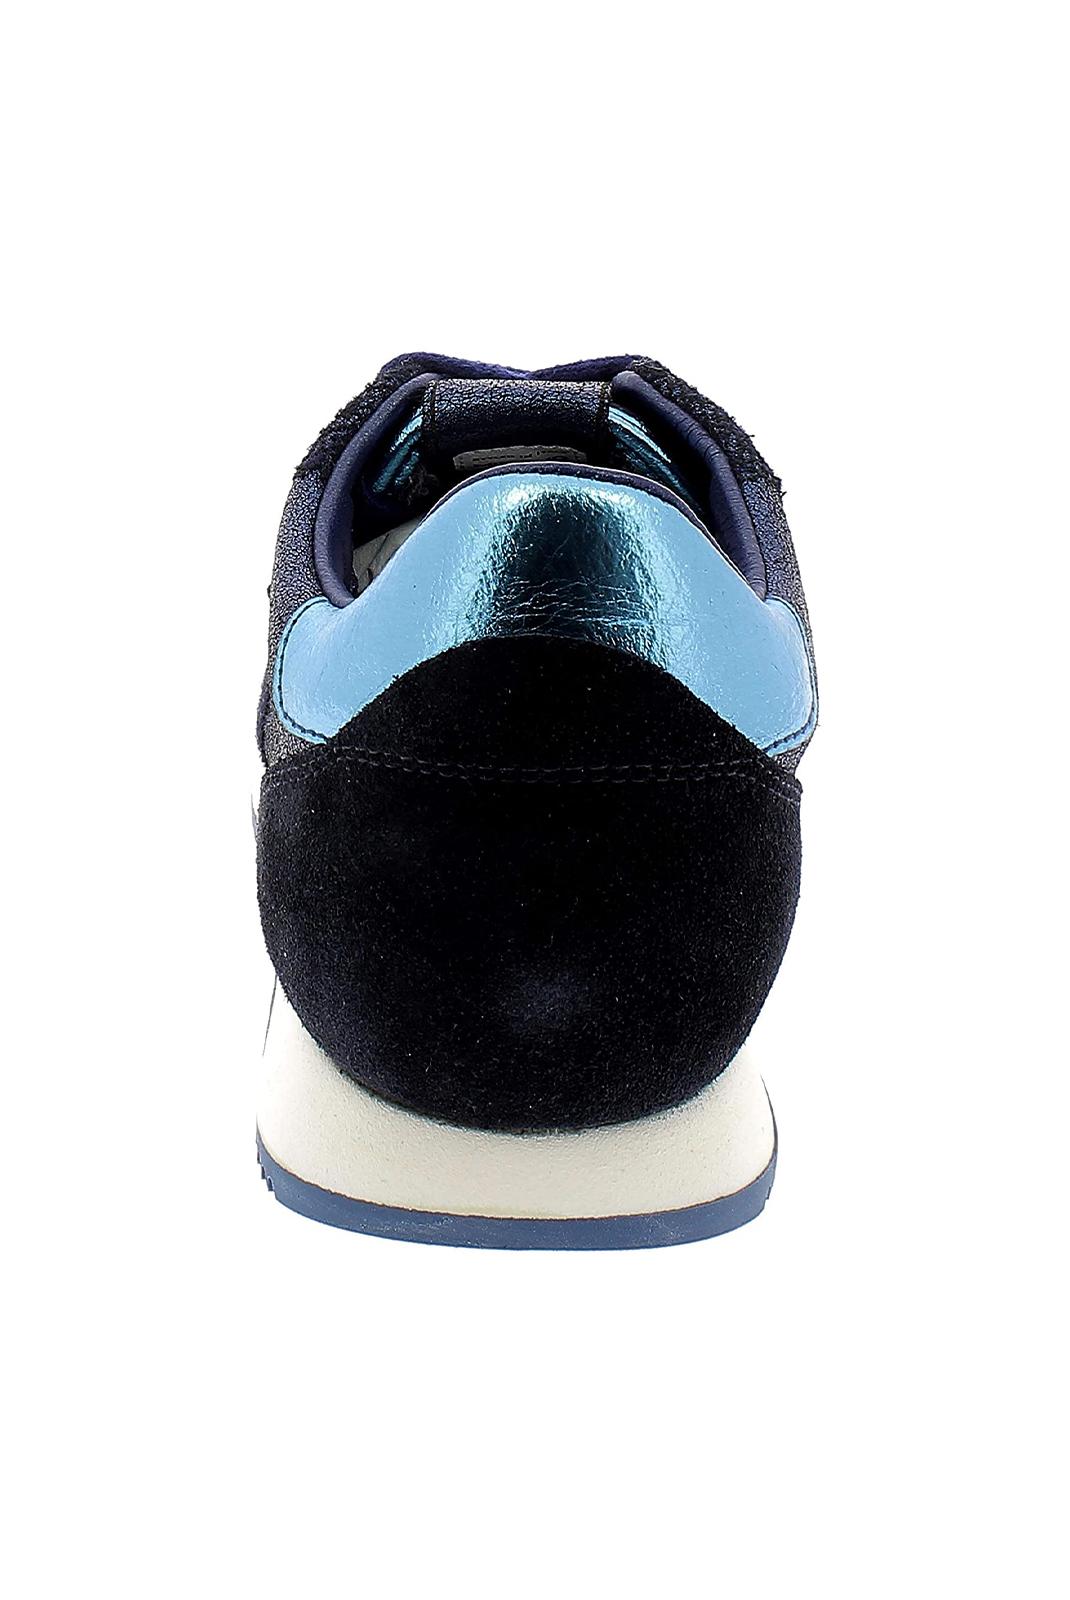 Chaussures   Mizuno D1GE181627 SAIPH 3  BLUE/BLUE/BLUE